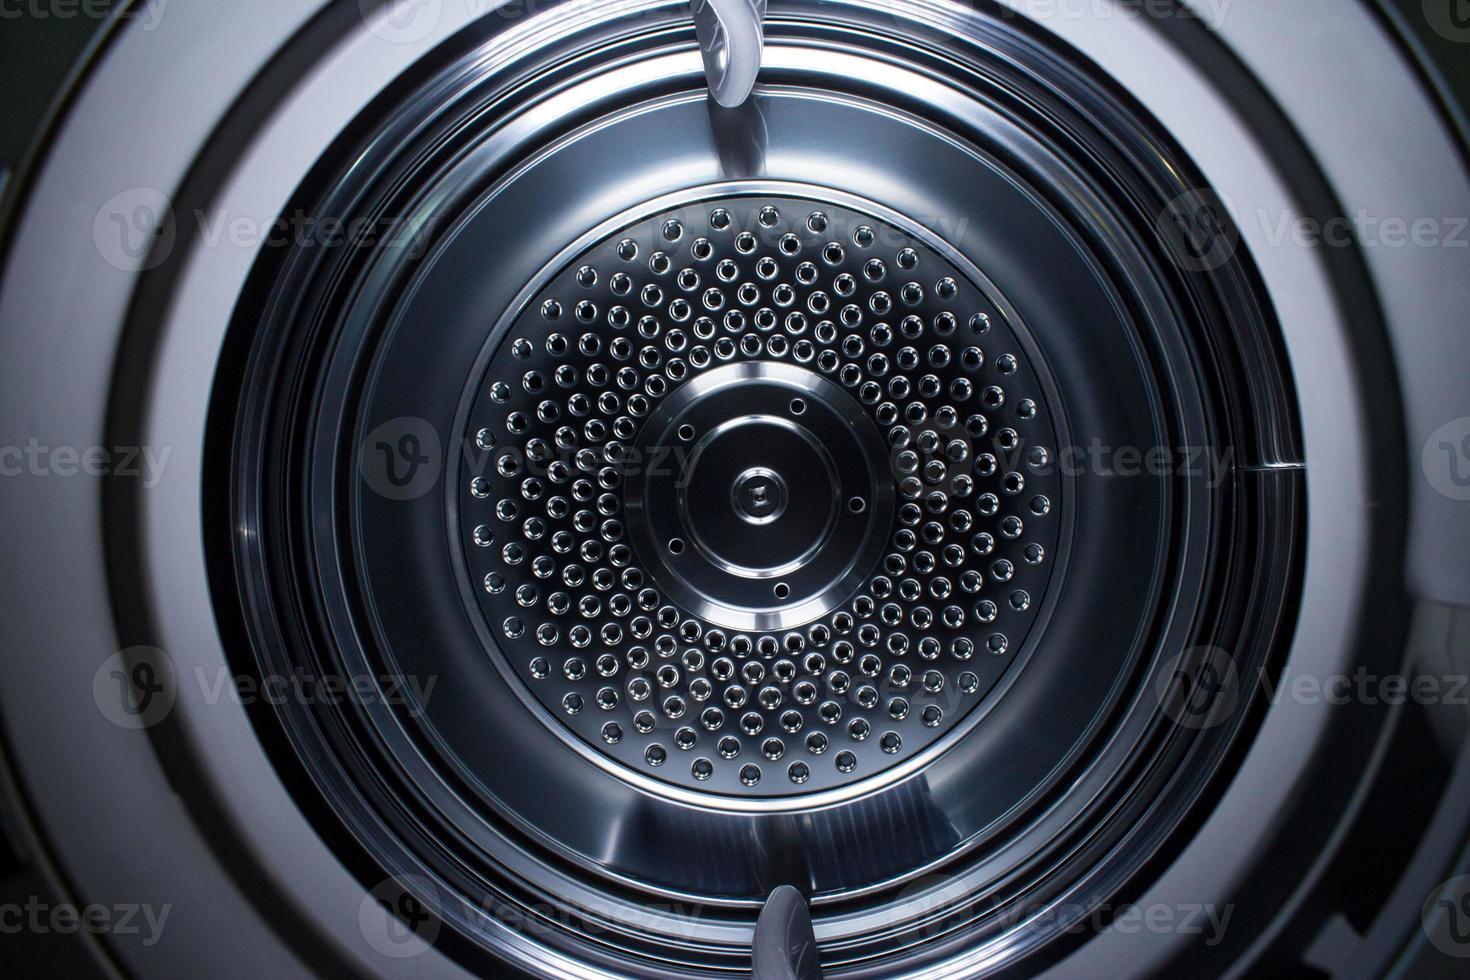 à l'intérieur d'une machine à sécher. photo